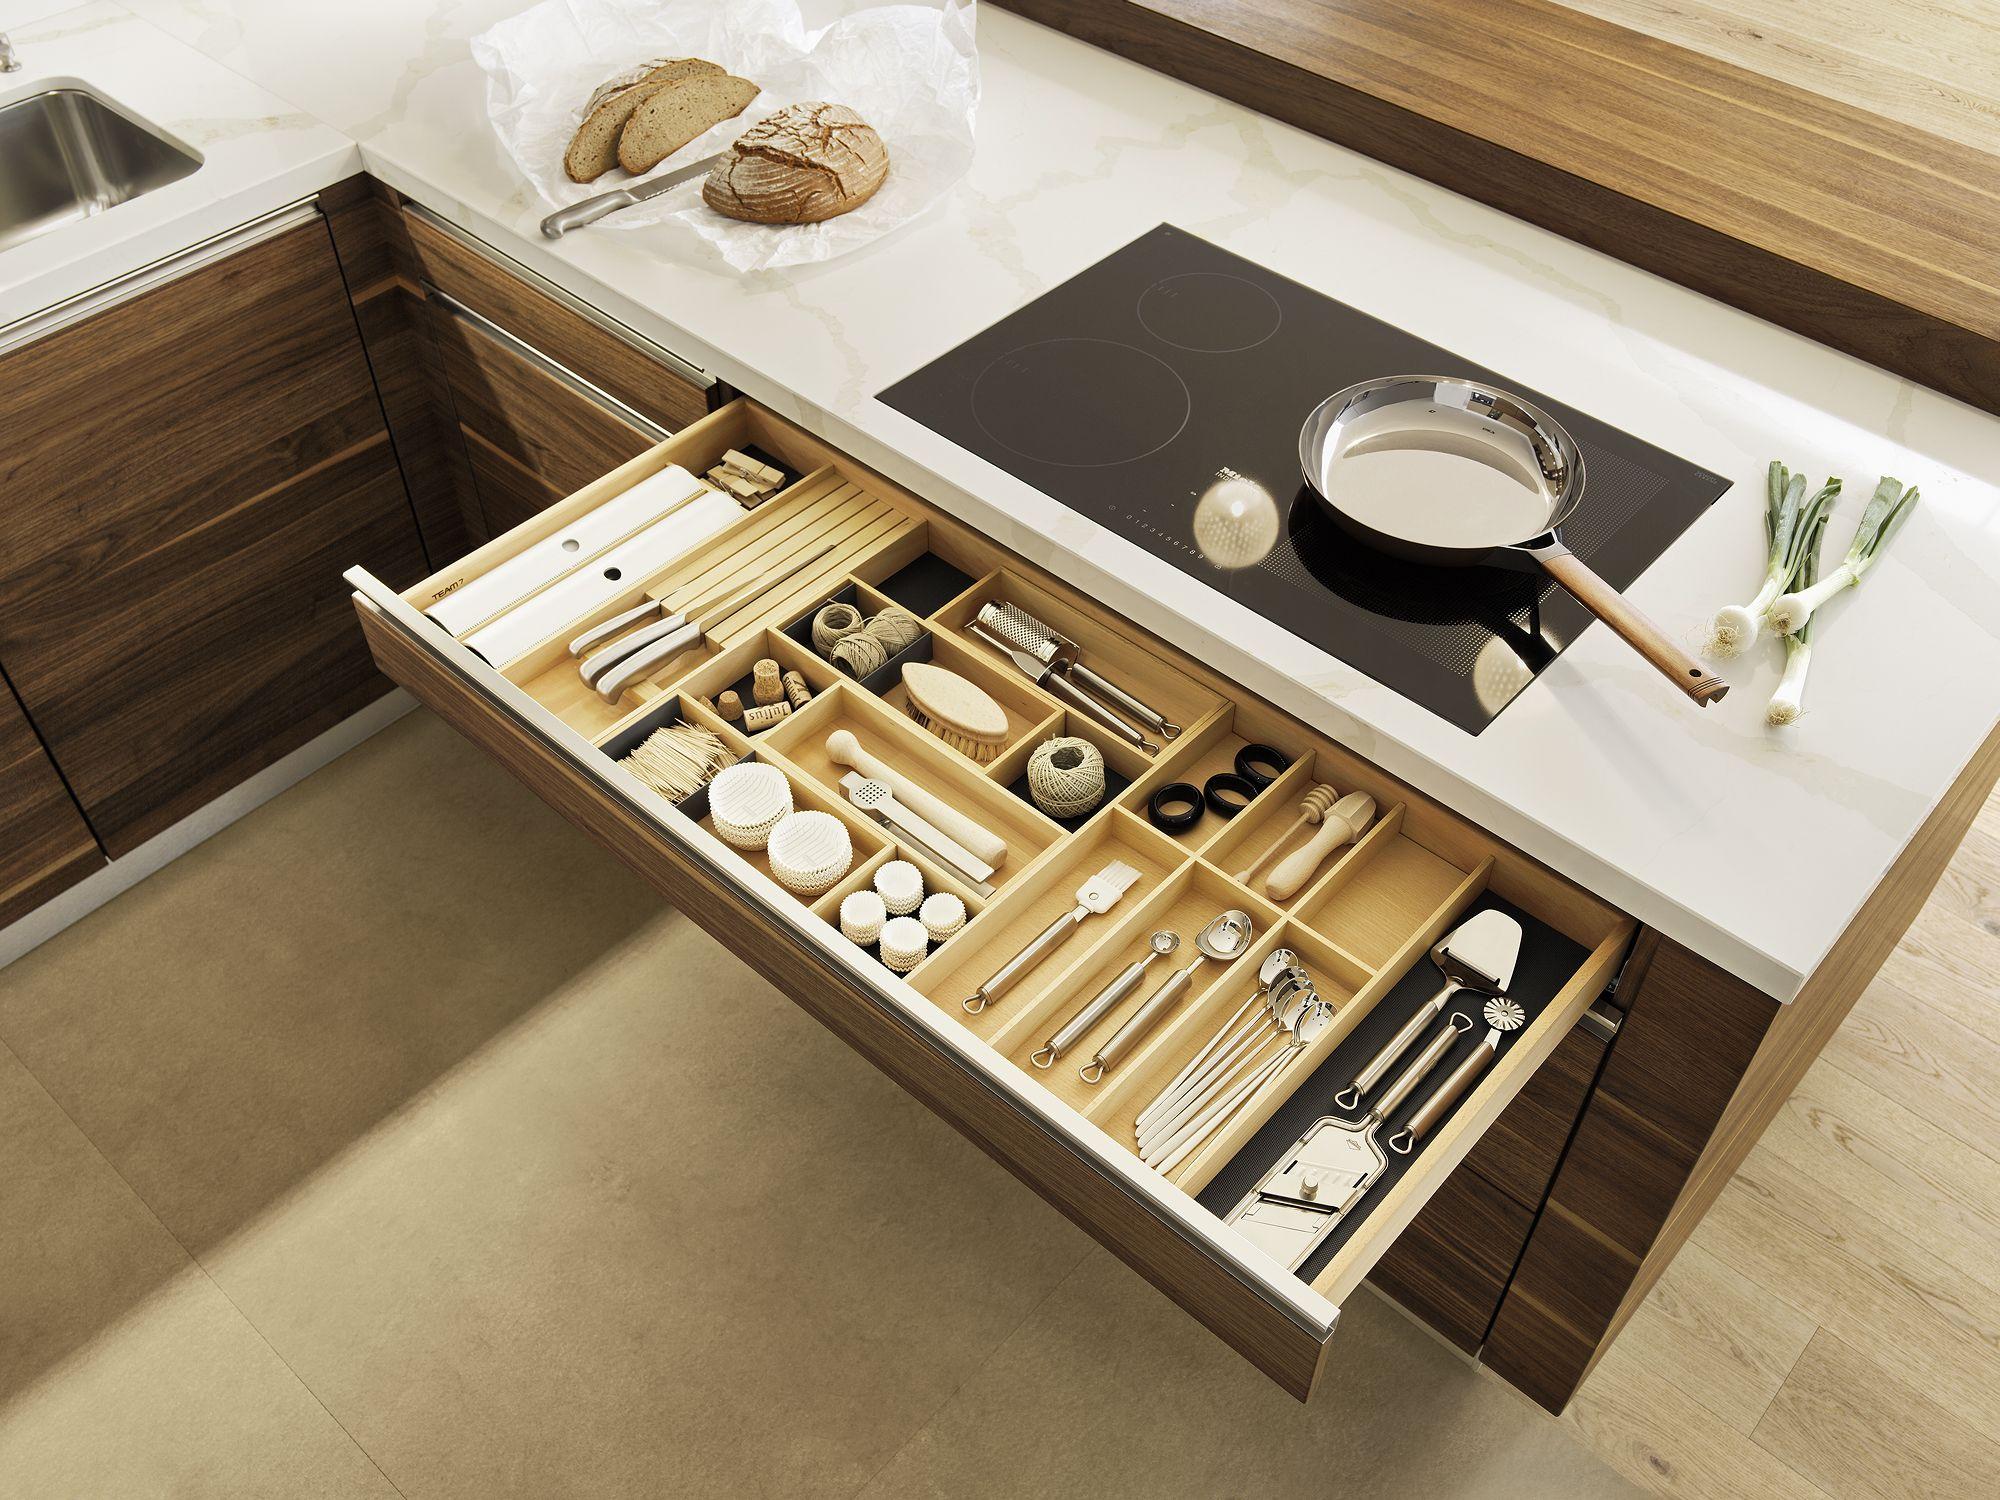 Tolle Küchenschublade Dias Zeitgenössisch - Küchenschrank Ideen ...